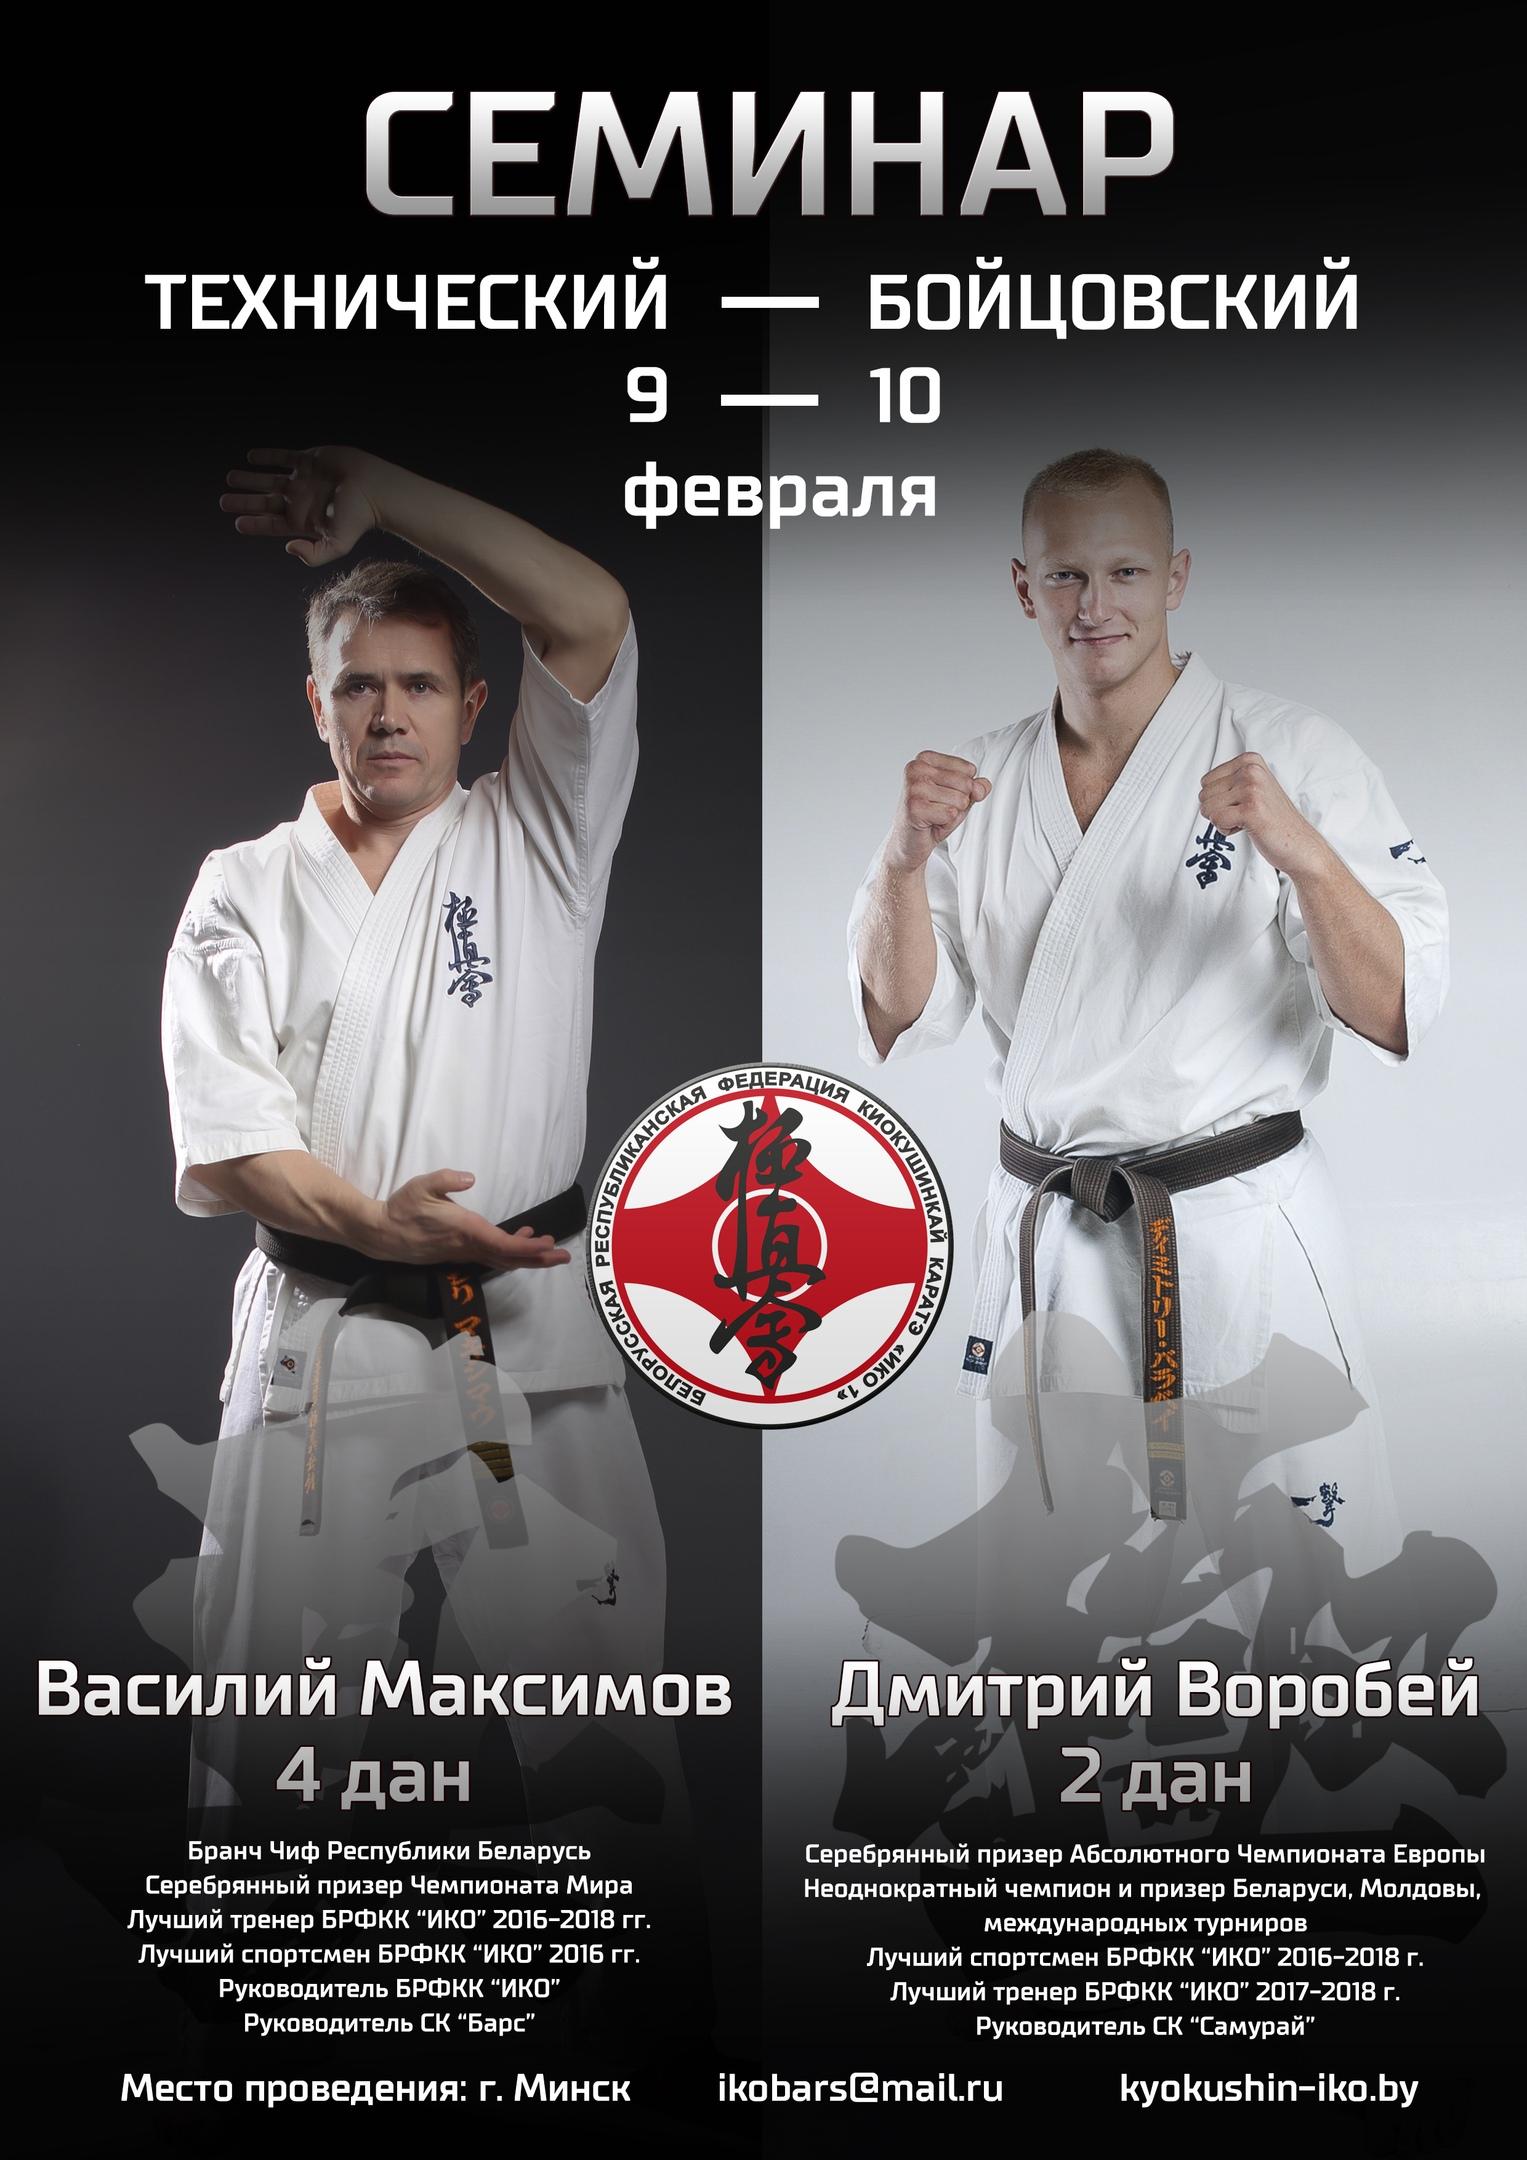 Сборы по технической и боевой работе 9-10 февраля на Захарова, 56